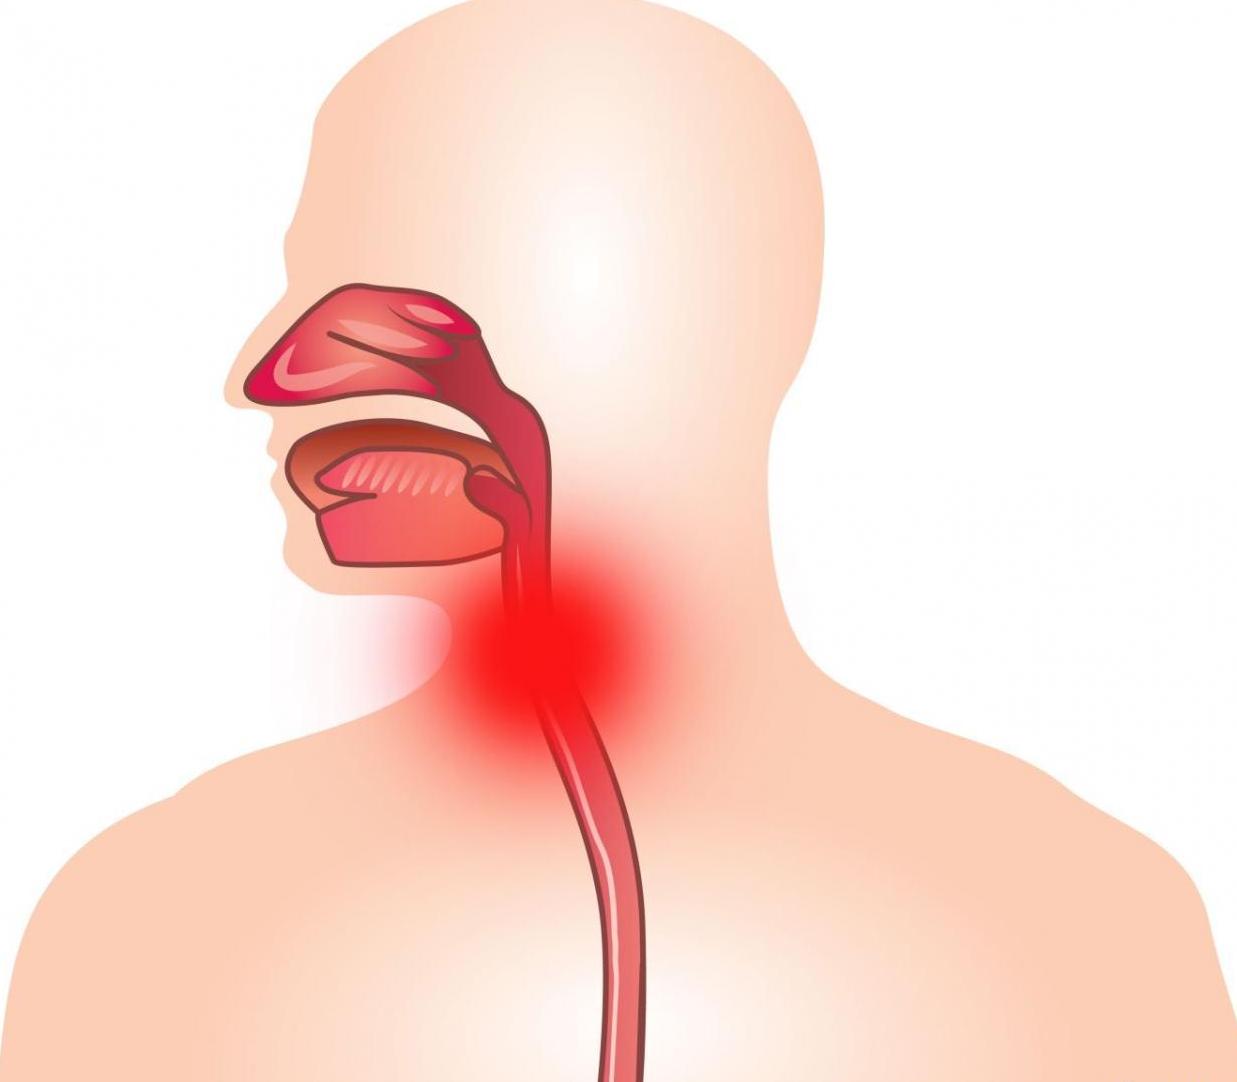 Ларингит у взрослых: симптомы и лечение — спросиврача